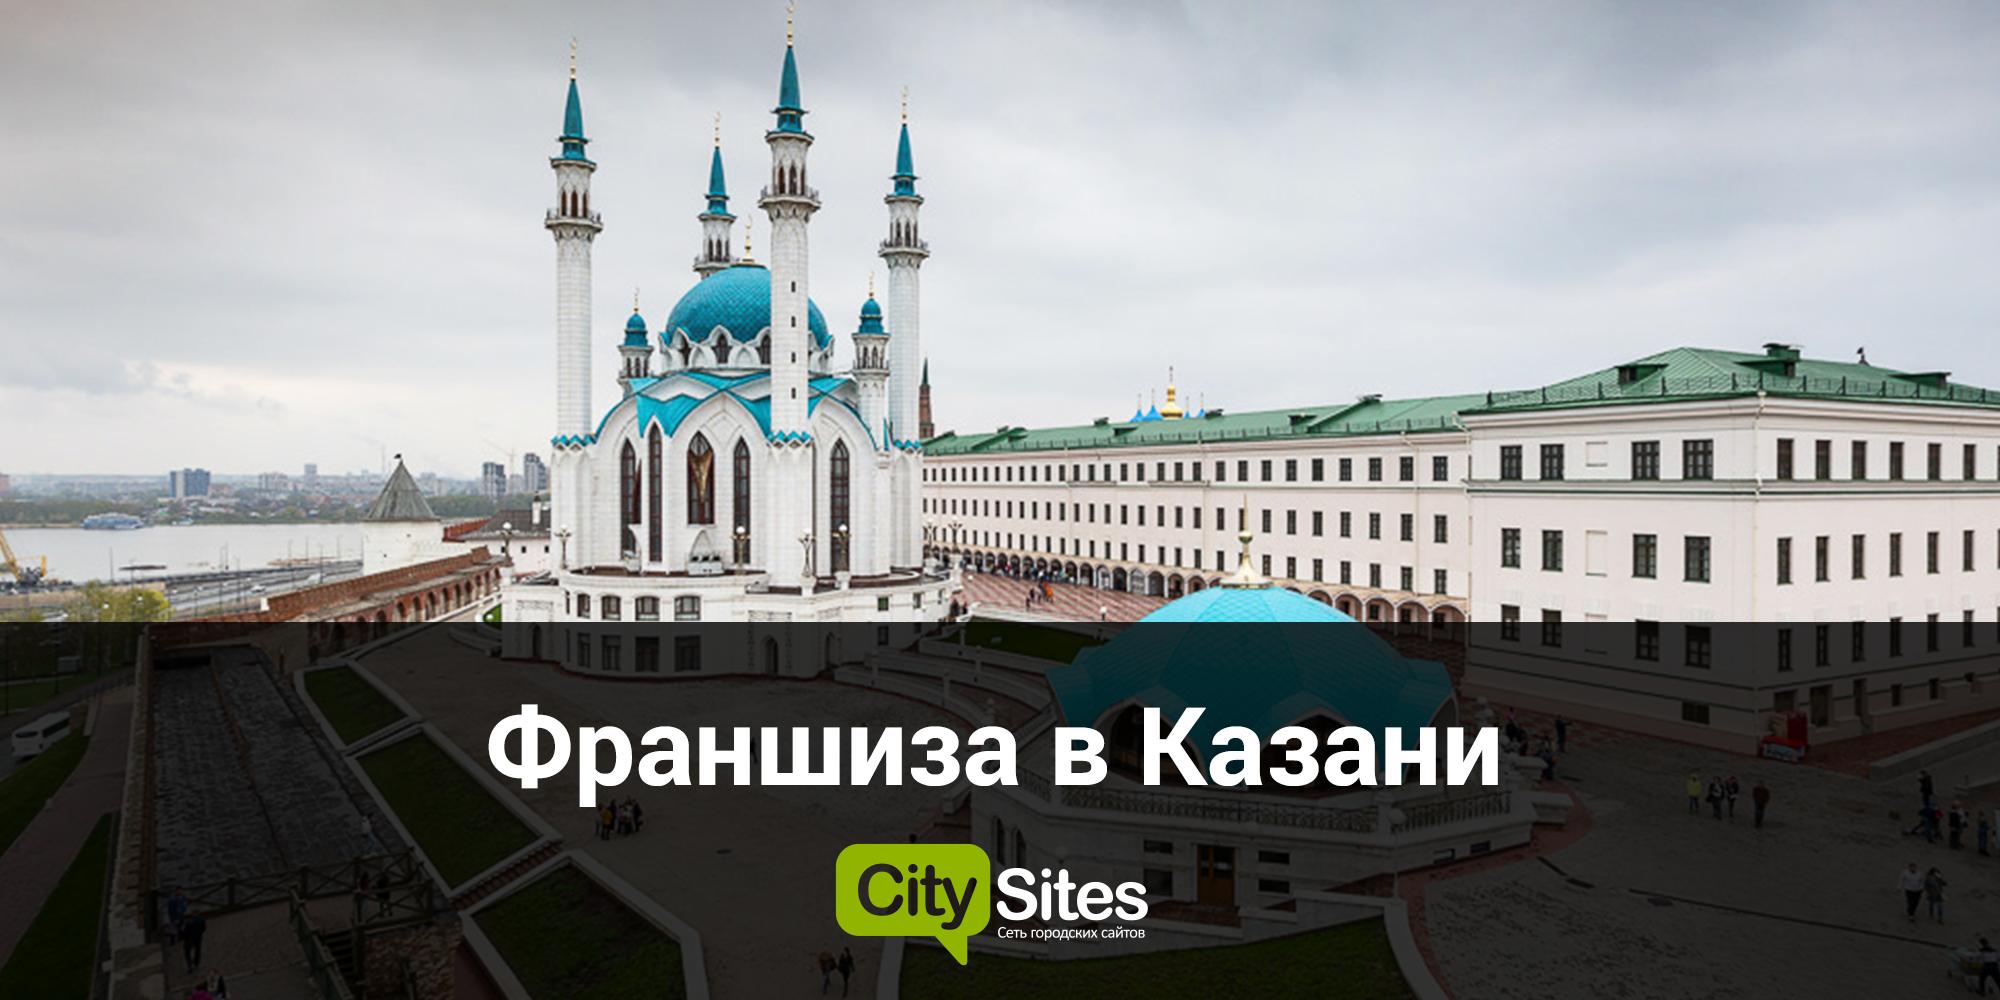 Прибыльная франшиза в Казани от CitySites